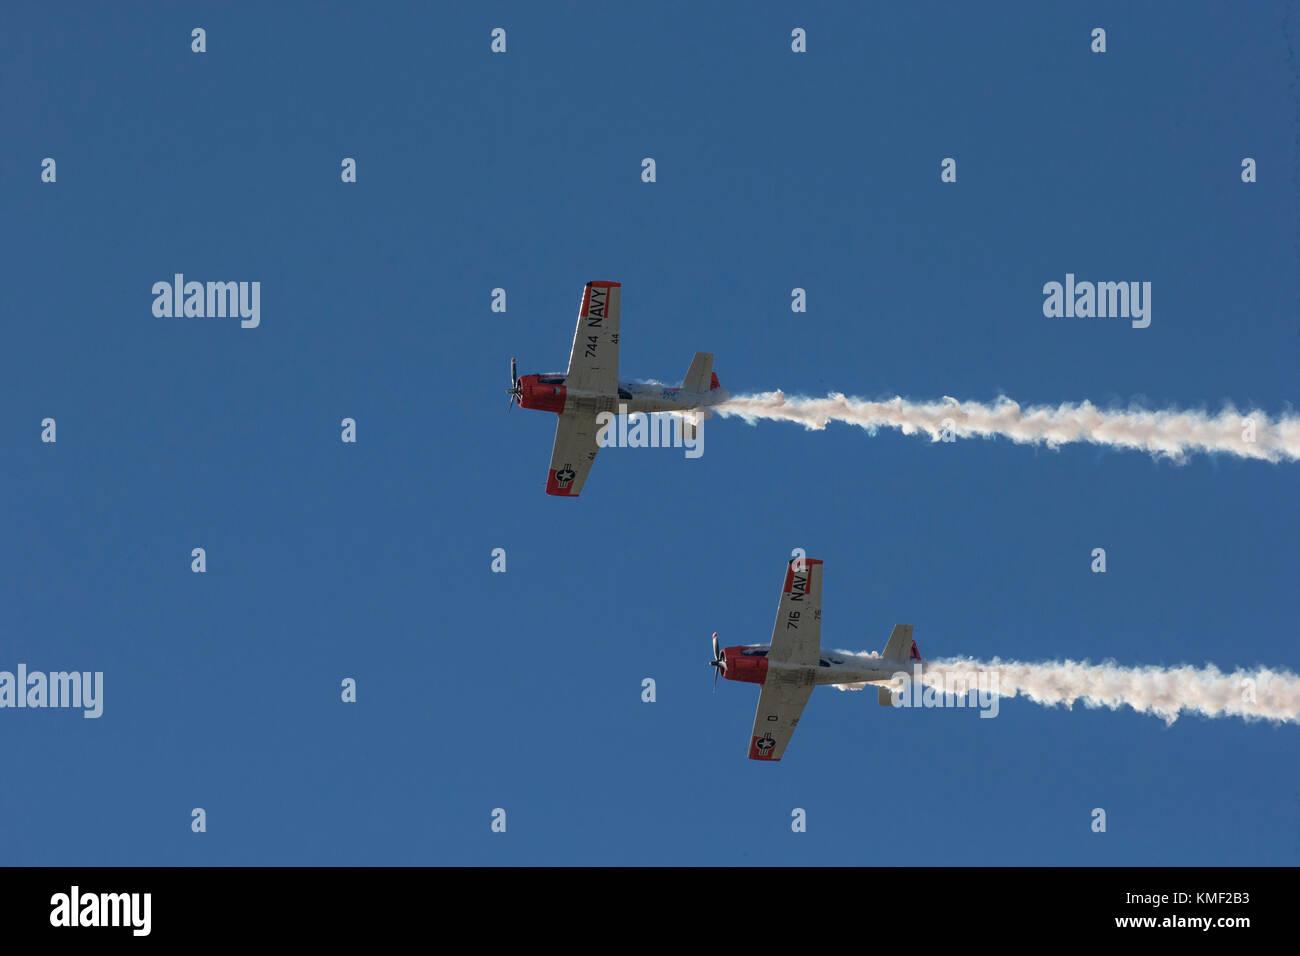 Zwei Propeller Flugzeuge fliegen zusammen mit Rauch Trail im tiefen blauen Himmel Stockbild